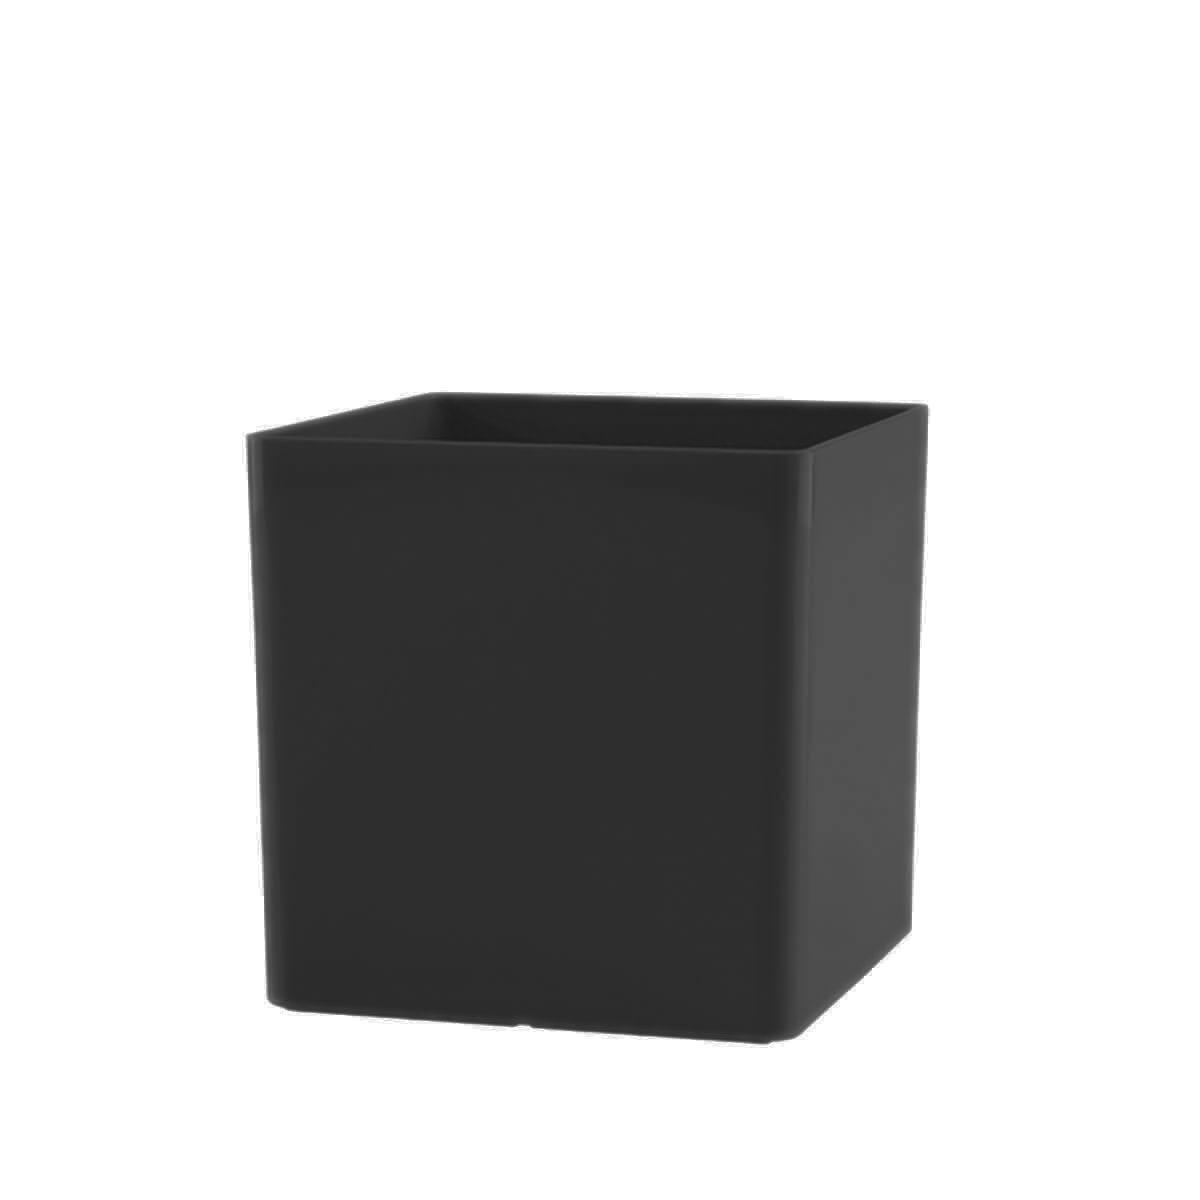 Vaso Cubo 14 x 14 cm Preto Vasart